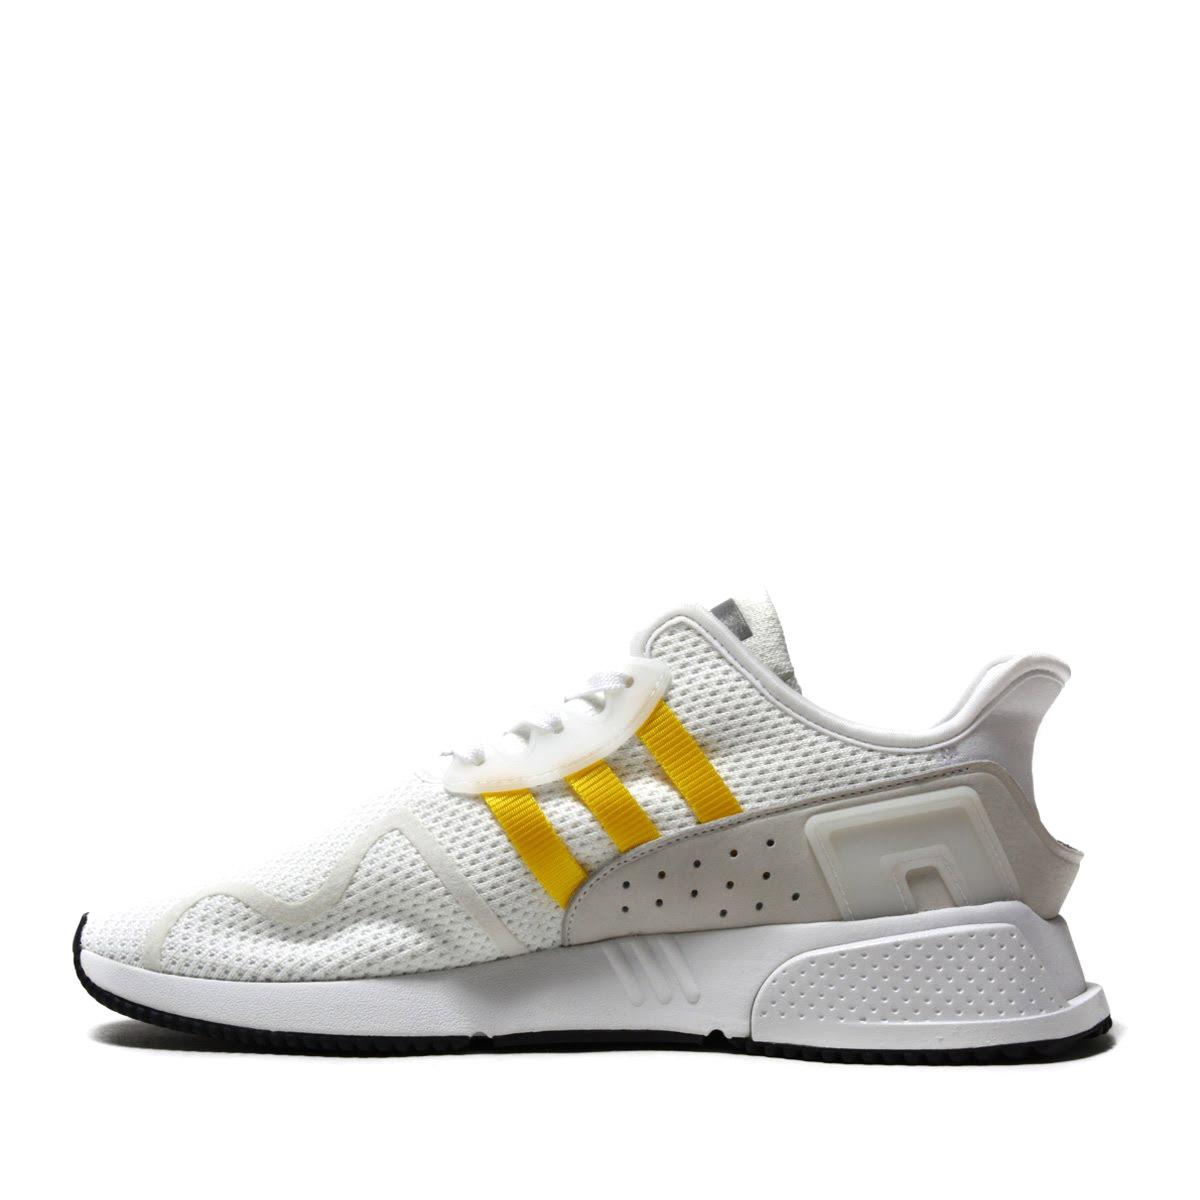 9504e1ea0d853e adidas Originals EQT CUSHION ADV (Adidas originals E cue tea cushion ADV) Running  White Eqt Yellow Silver Met 18SS-I